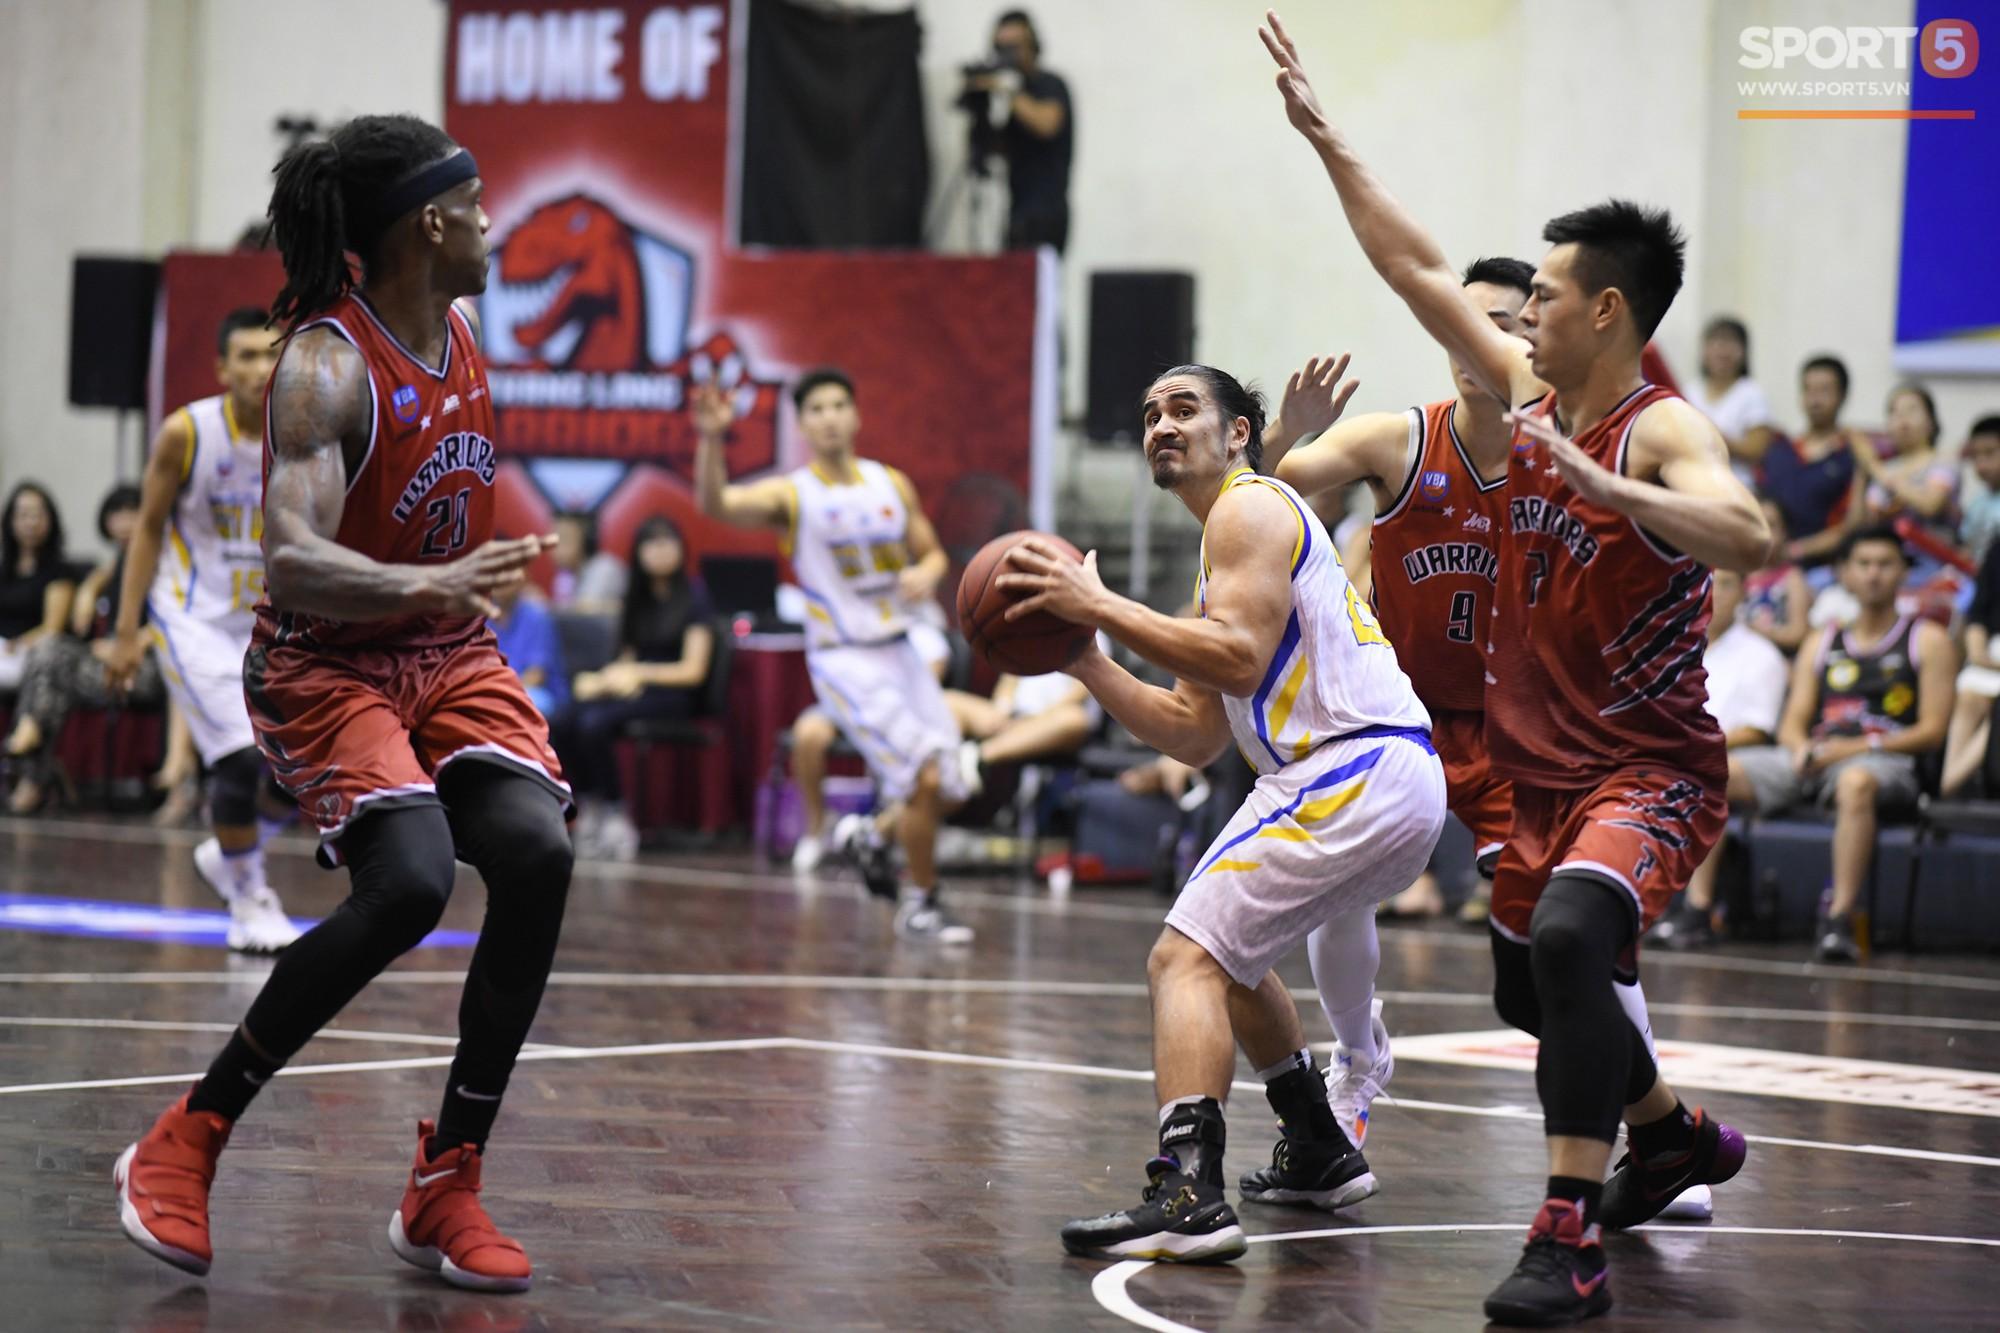 Nội binh tỏa sáng, ĐKVĐ Thăng Long Warriors đả bại Hồ Chí Minh City Wings sau trận đấu kỷ lục của VBA - Ảnh 13.